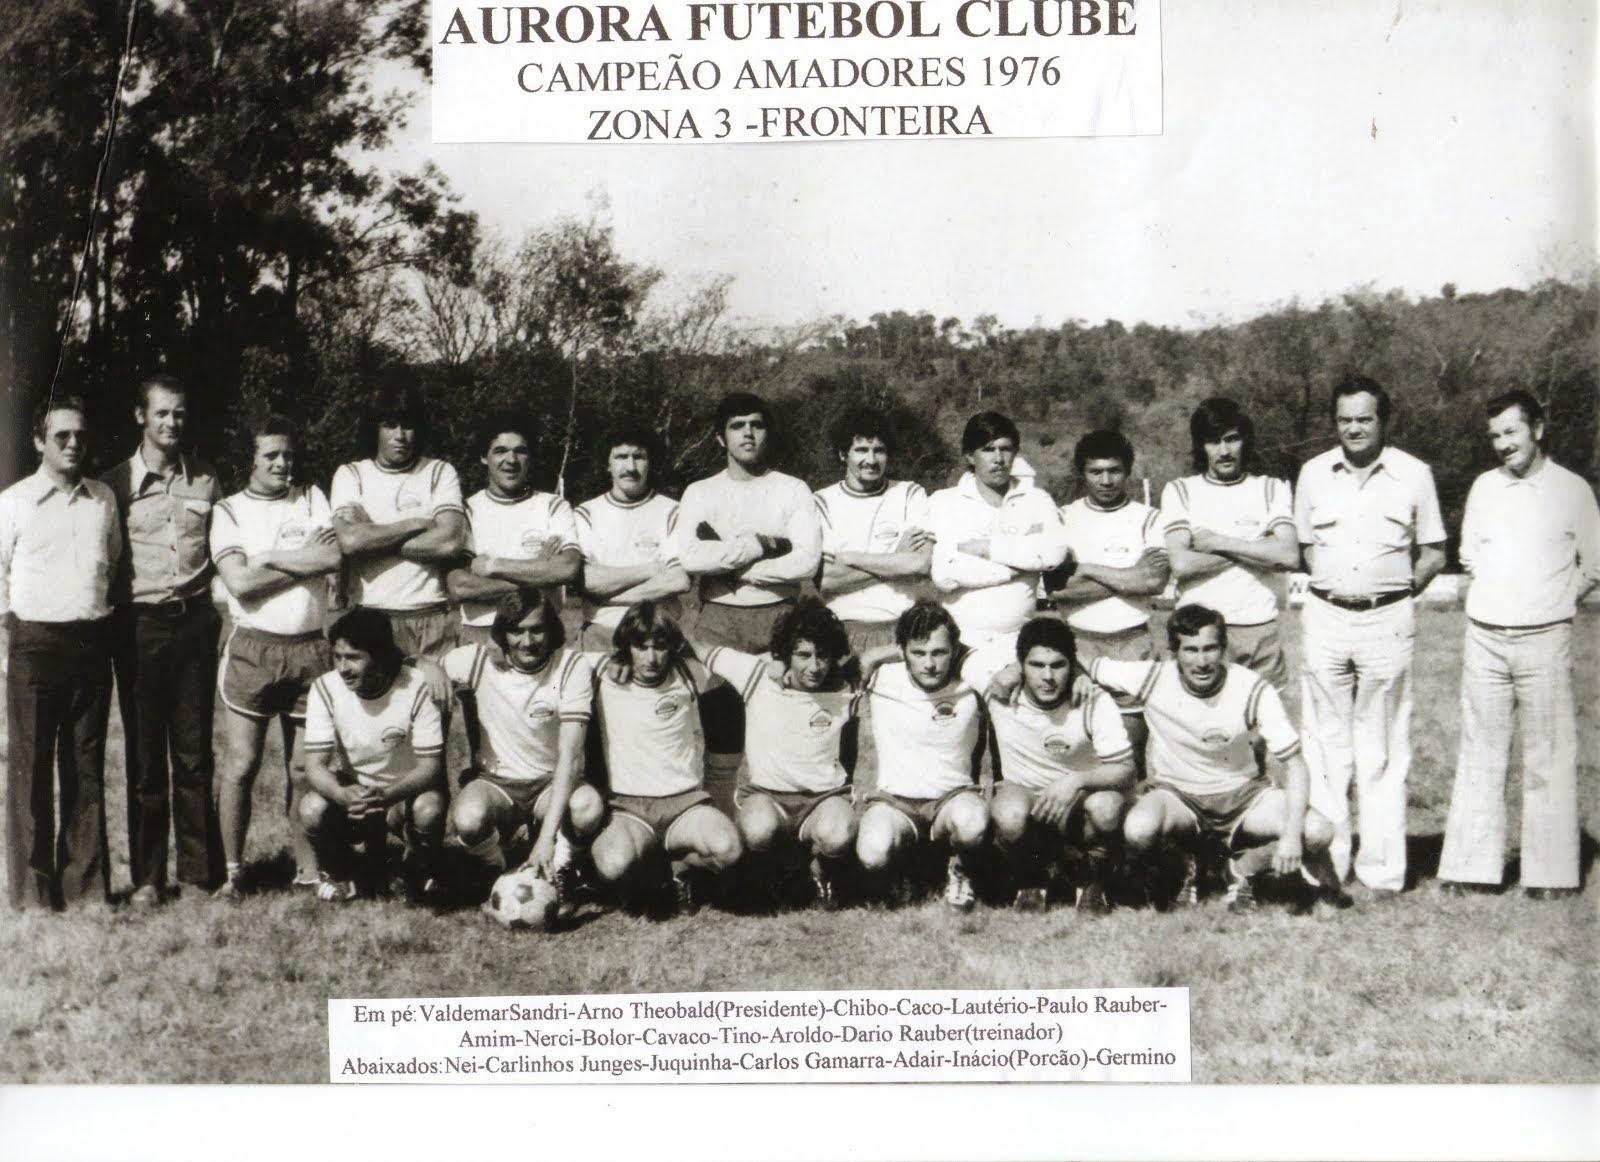 1976-Aurora Futebol Clube